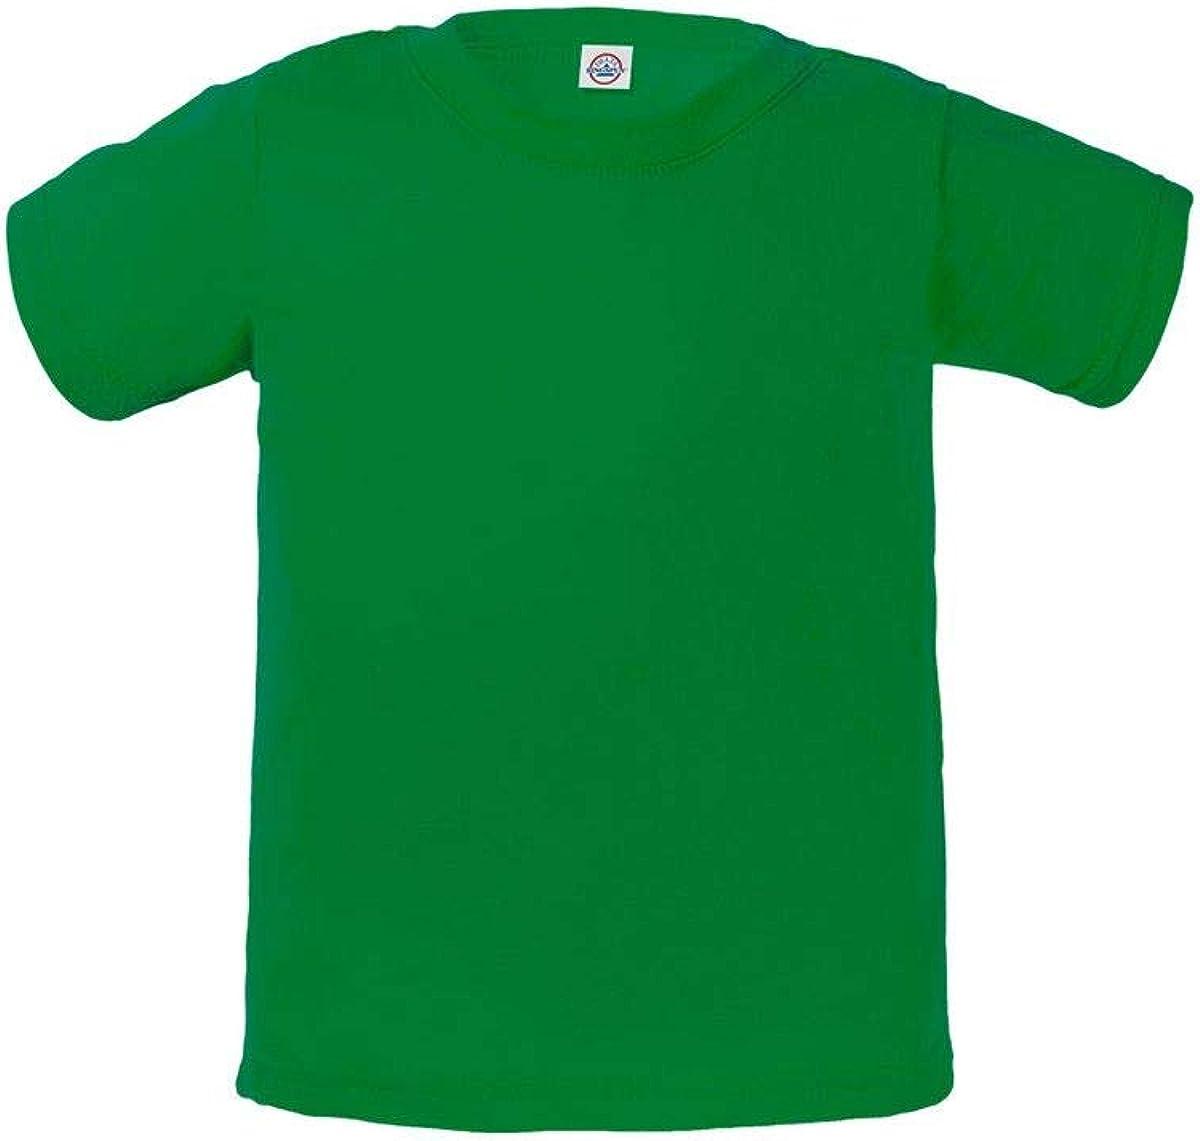 Delta Apparel Infant Baby Plain Basic 30/1's Ringspun Short Sleeve T-Shirt